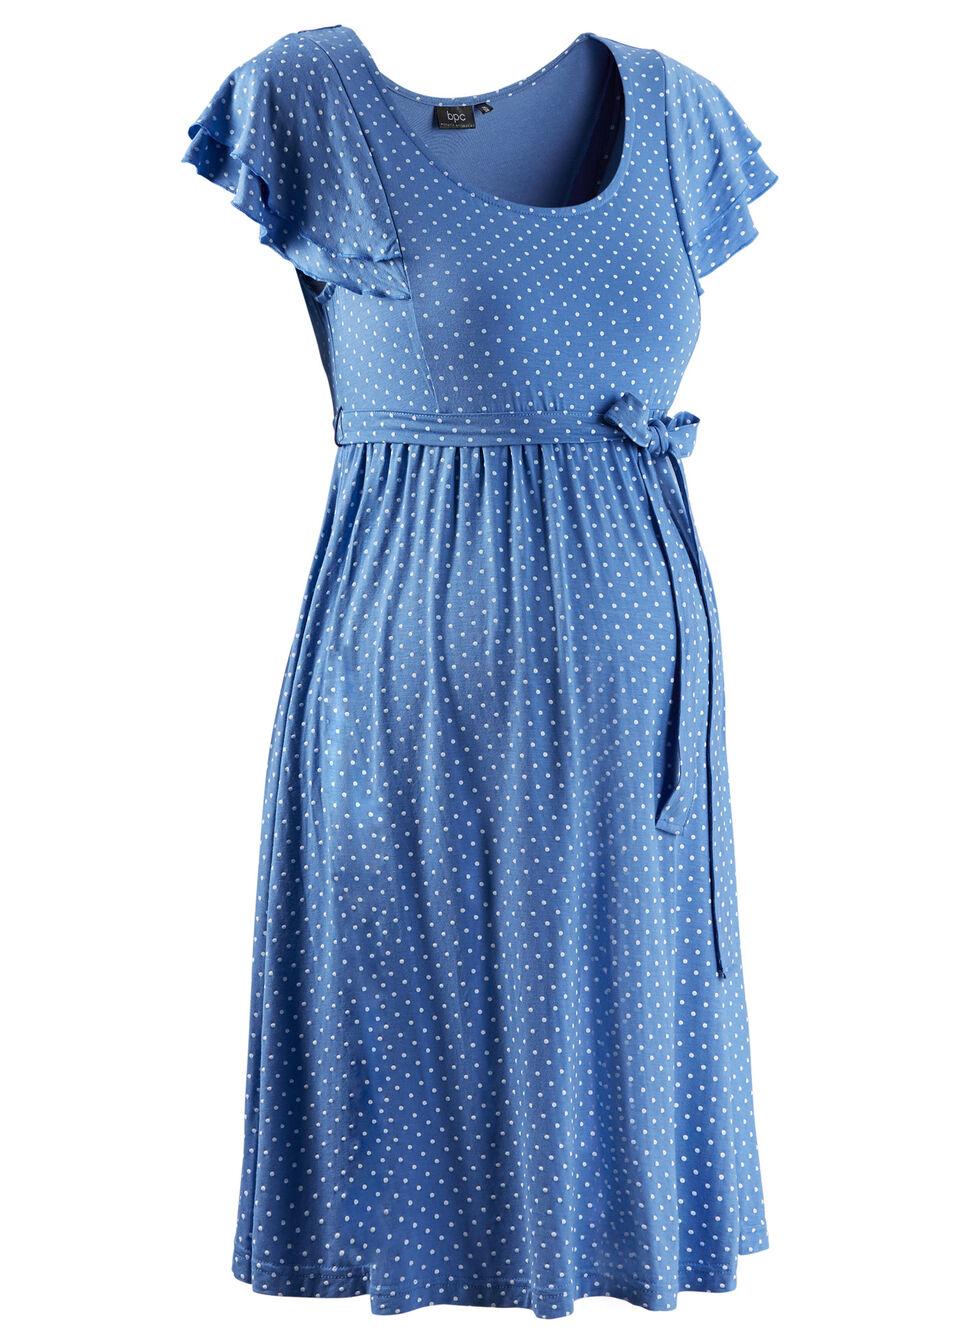 Купить Для будущих мам: трикотажное платье, bonprix, небесно-голубой в горошек